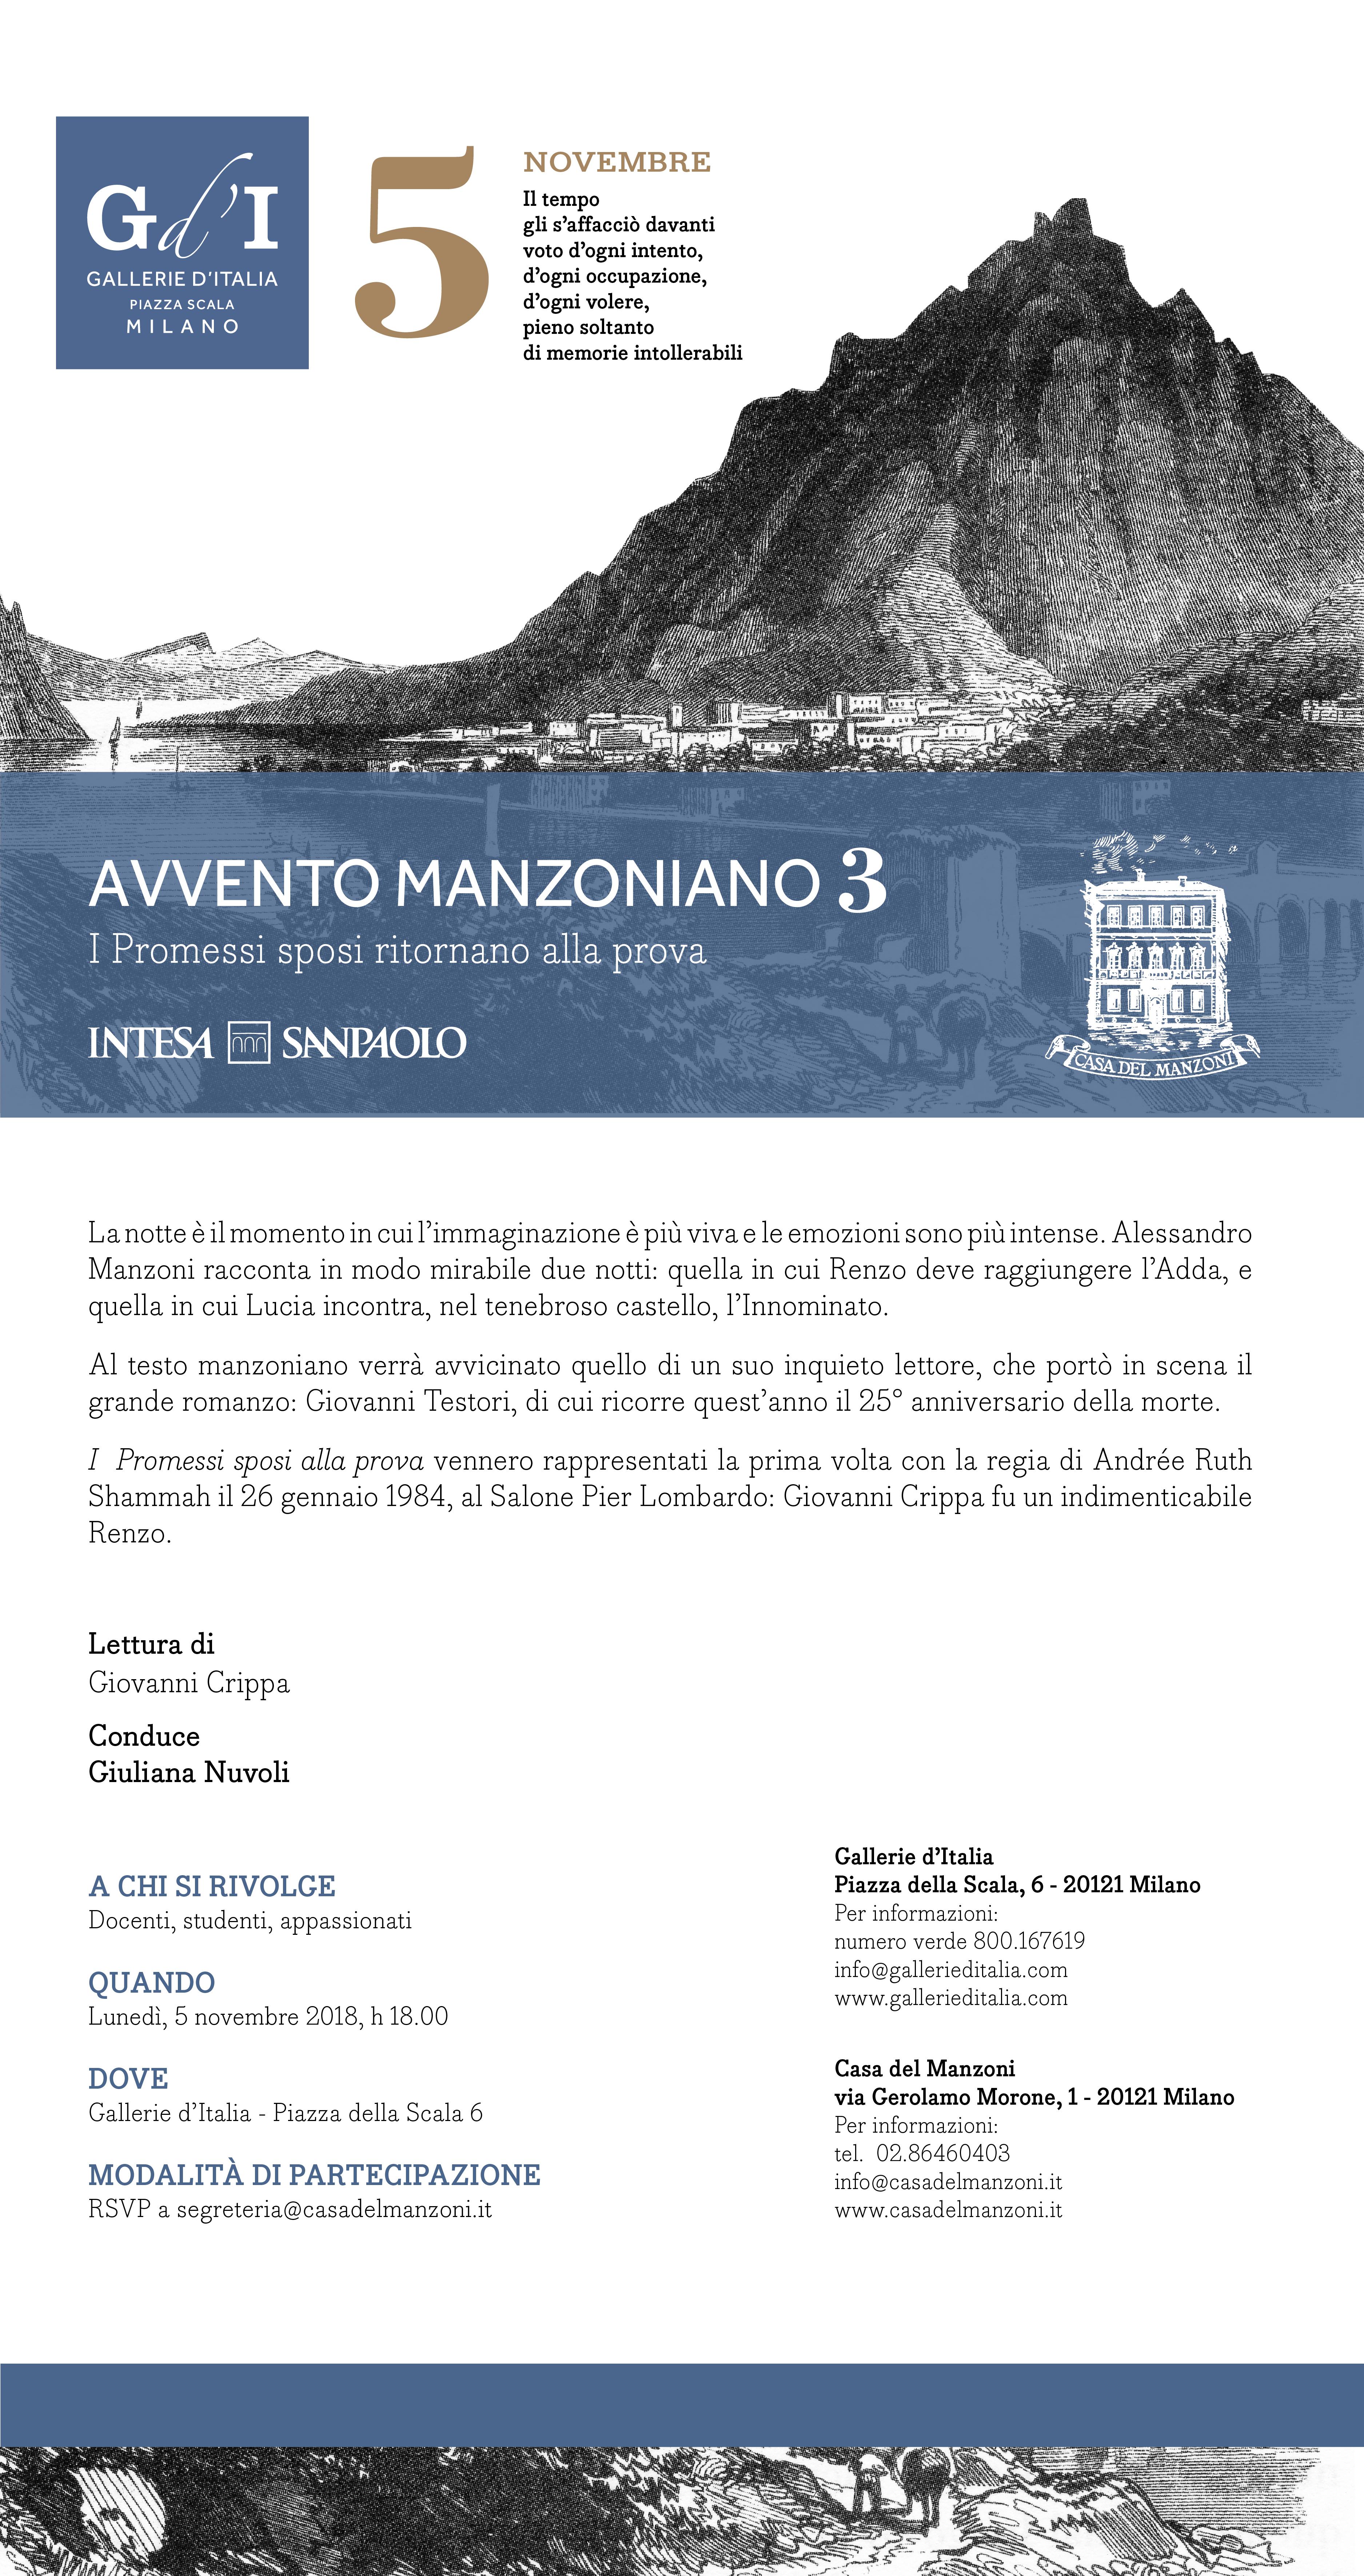 AVVENTO_MANZONIANO_2018_WEB_DEF